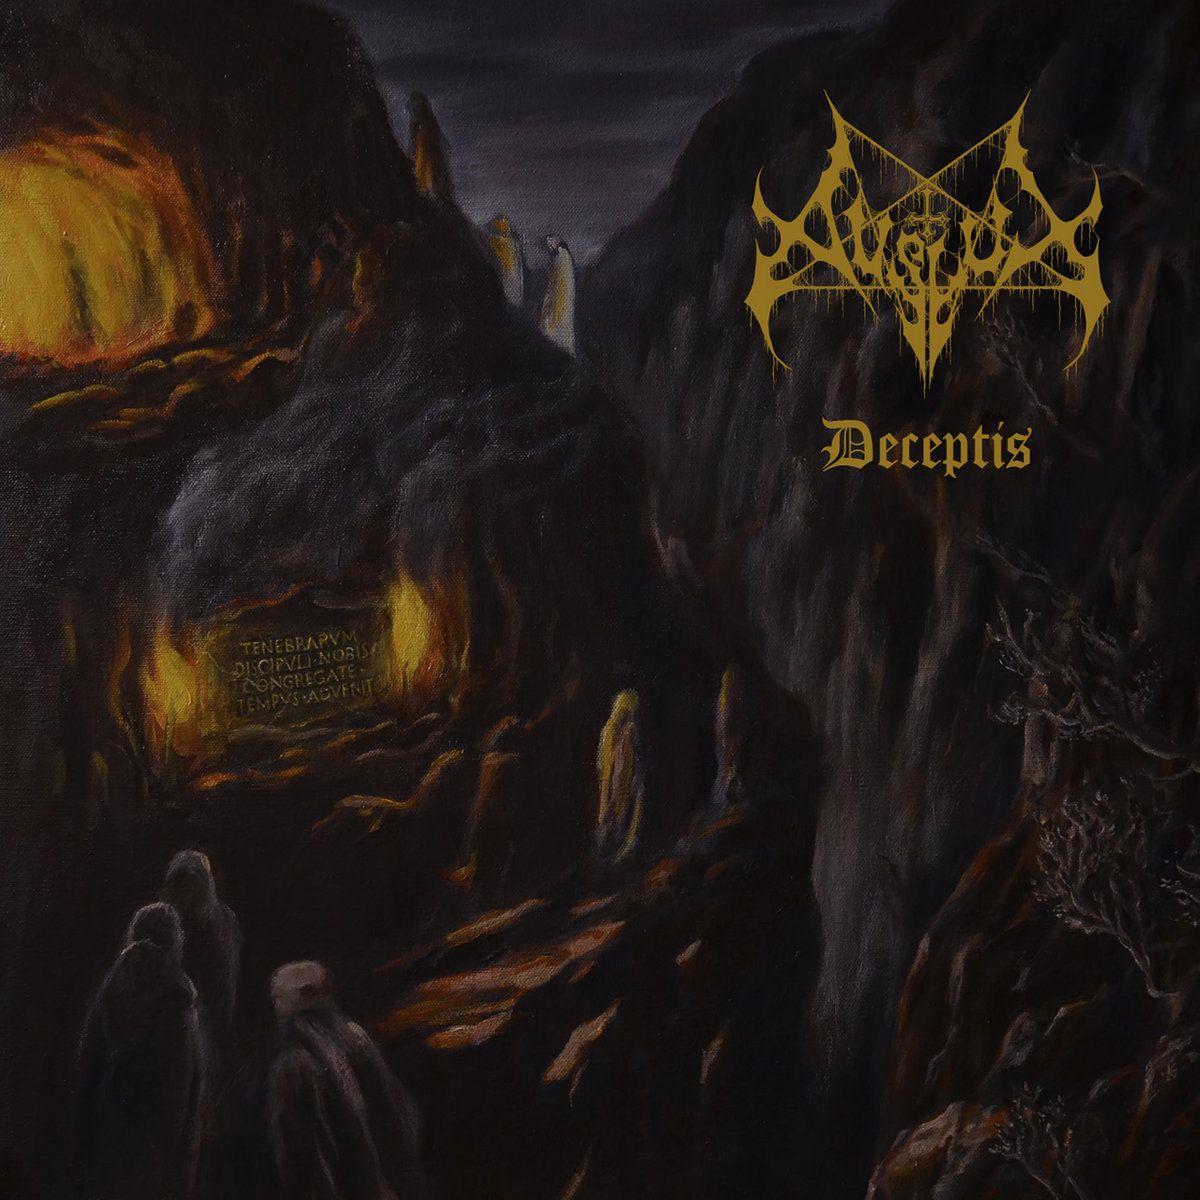 Reviews for Avslut - Deceptis